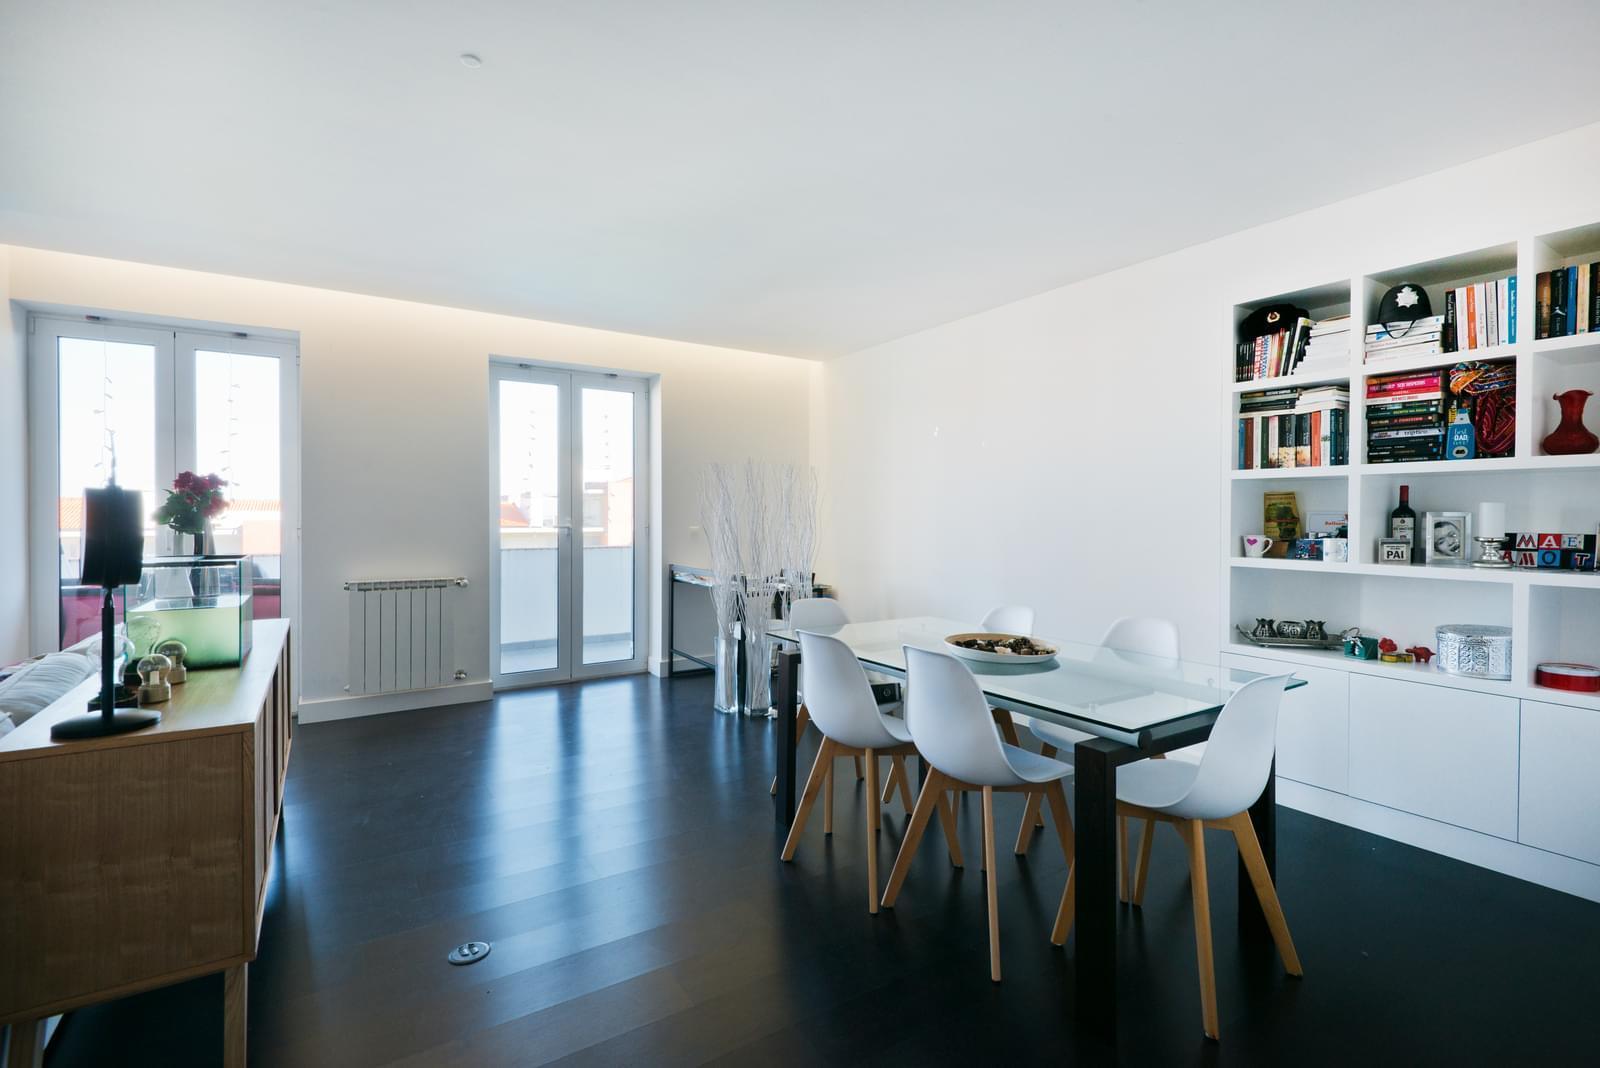 pf17099-apartamento-t3-sintra-d7c26d57-bdf8-4587-bc32-3a3fd0338161